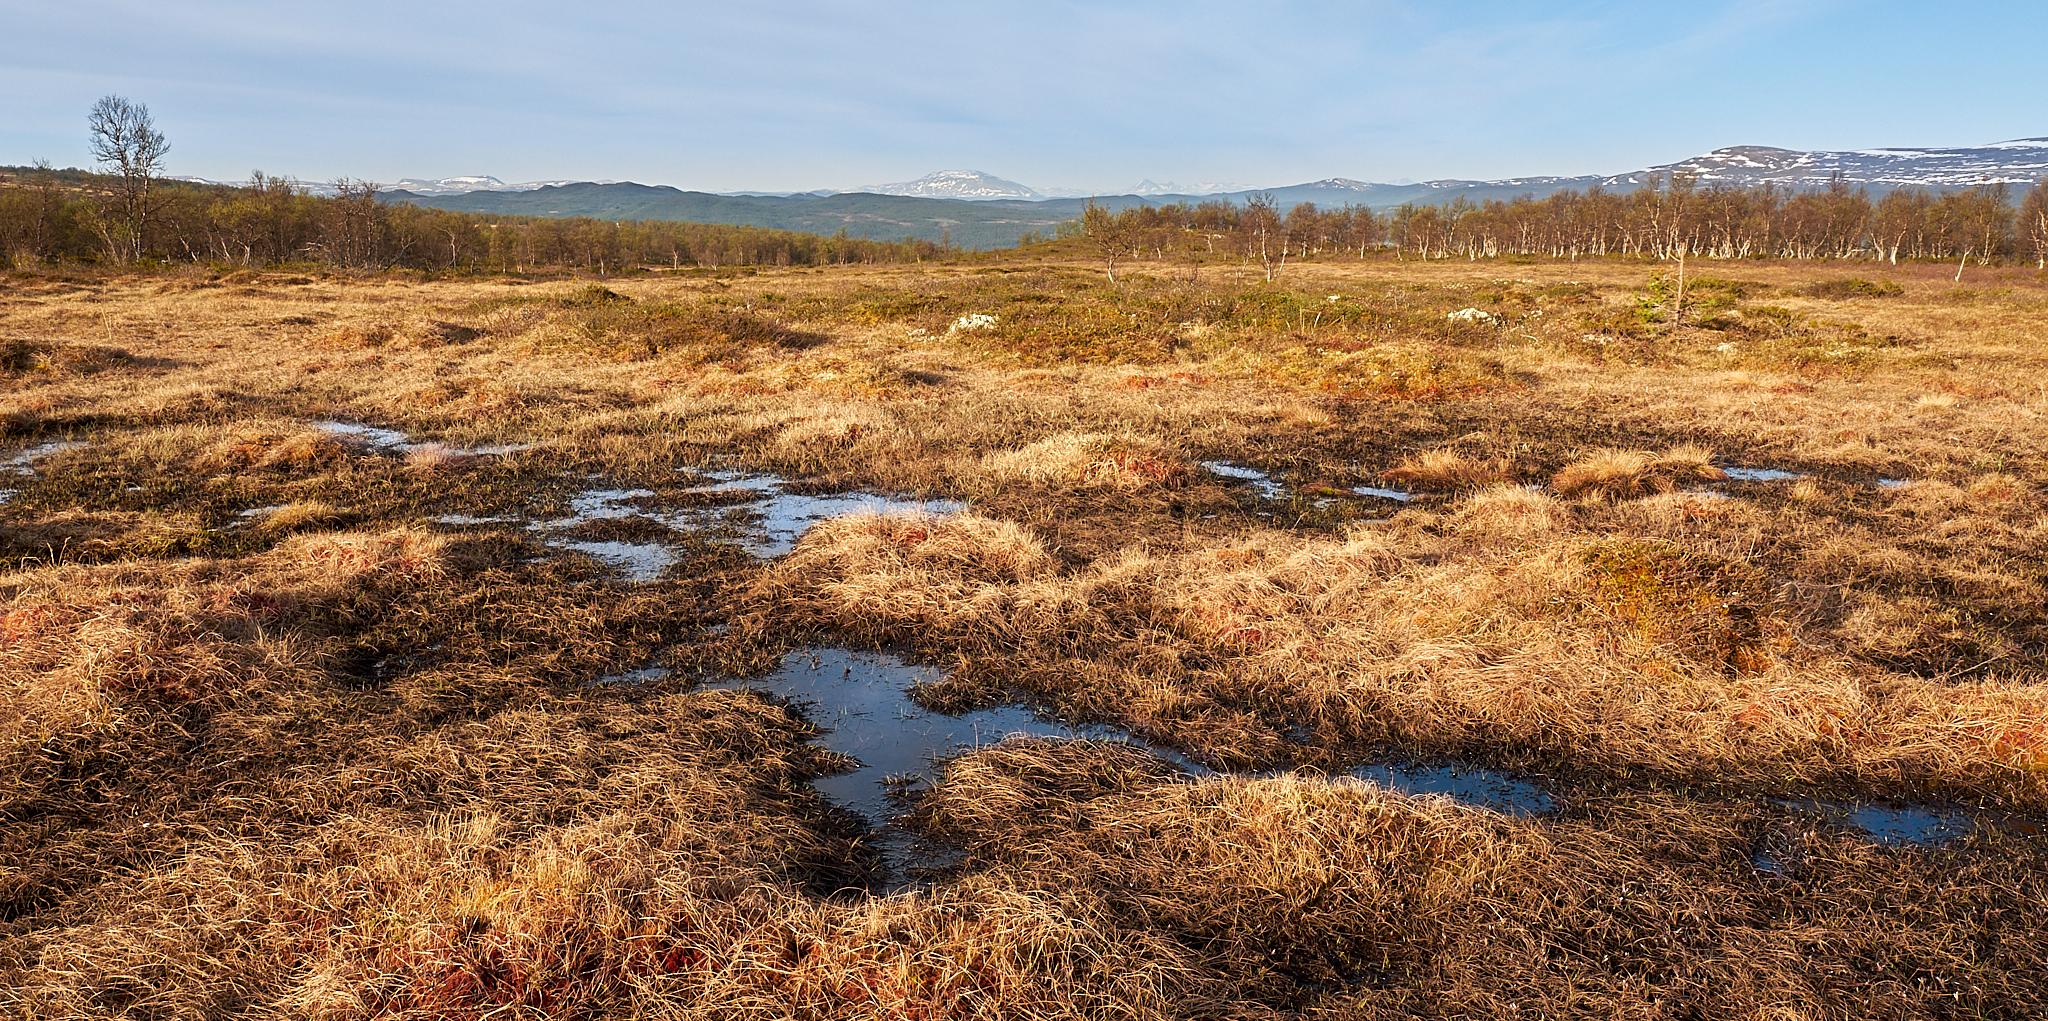 Louky v kopcích – voda zde občas tvoří potůčky a tůňky, ale většina je jí schovaná pod trávou.